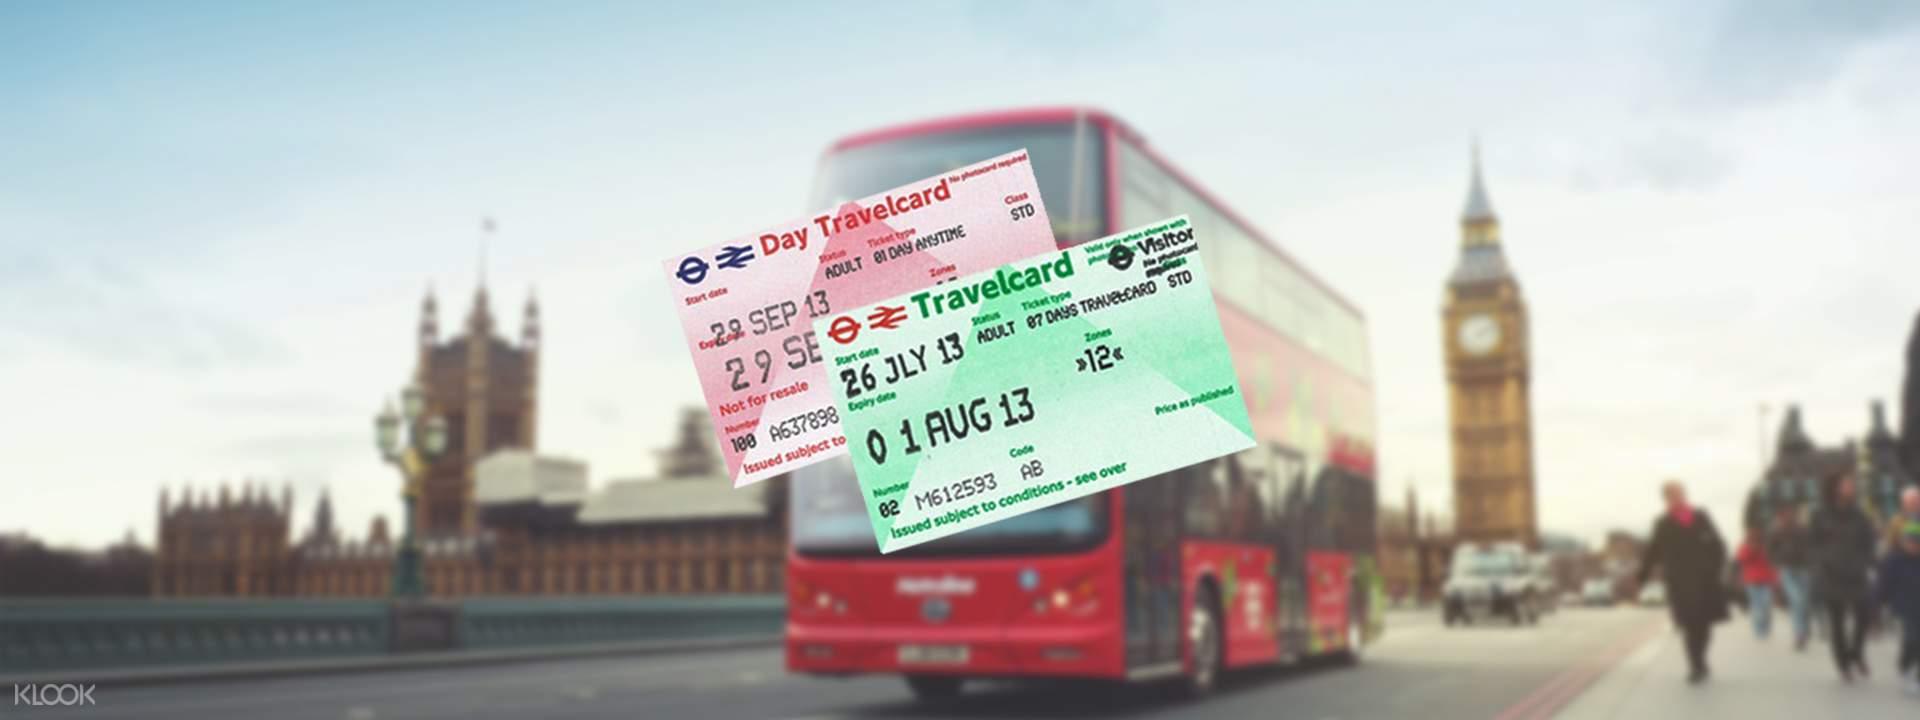 런던 트래블카드 - Klook